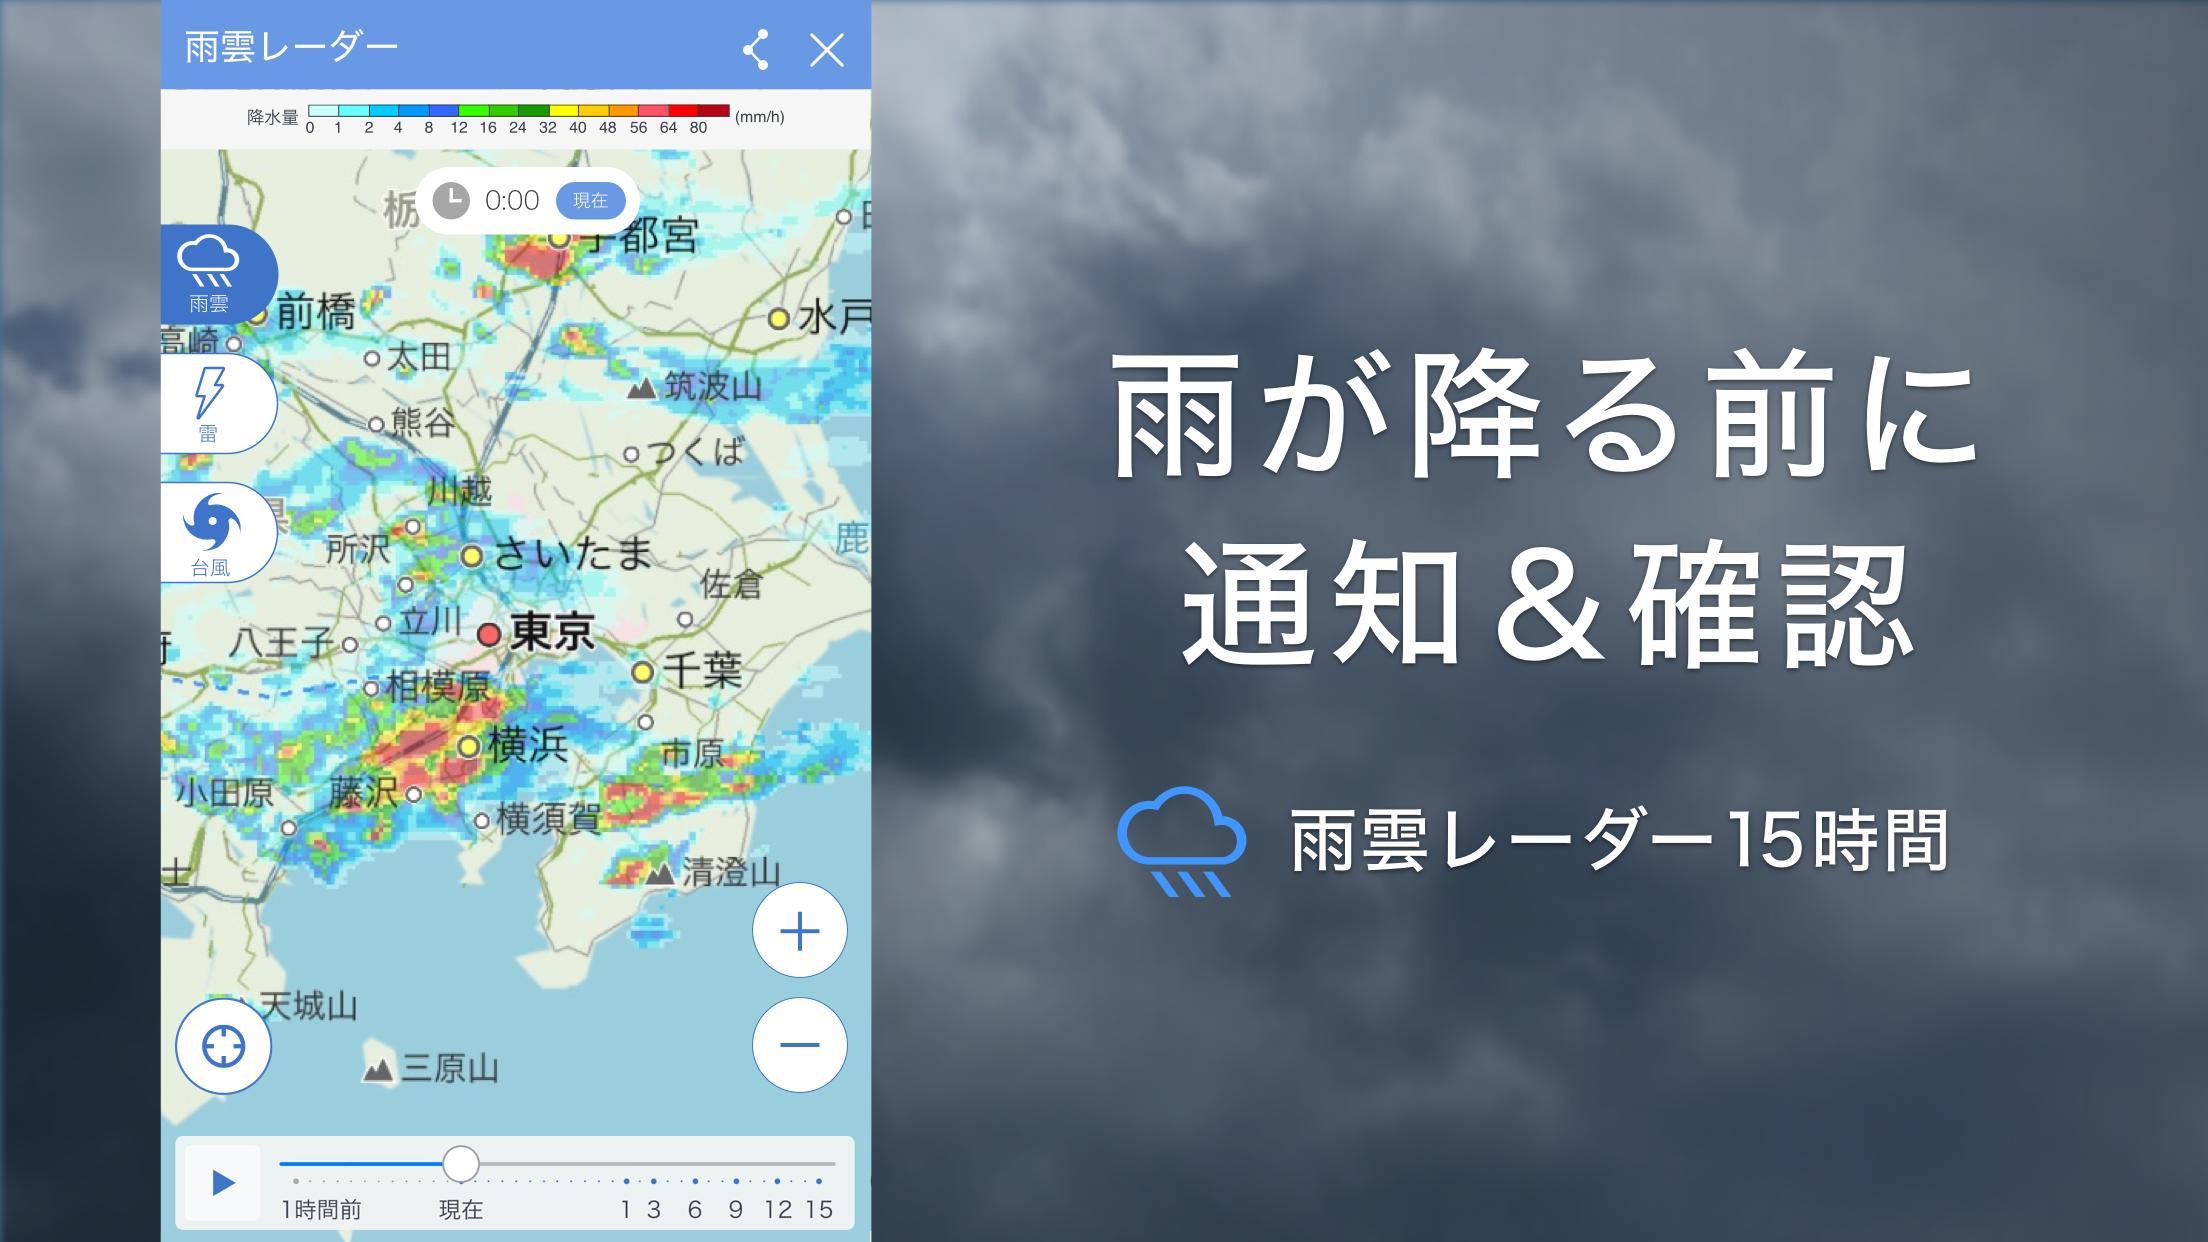 今日 の 天気 小田原